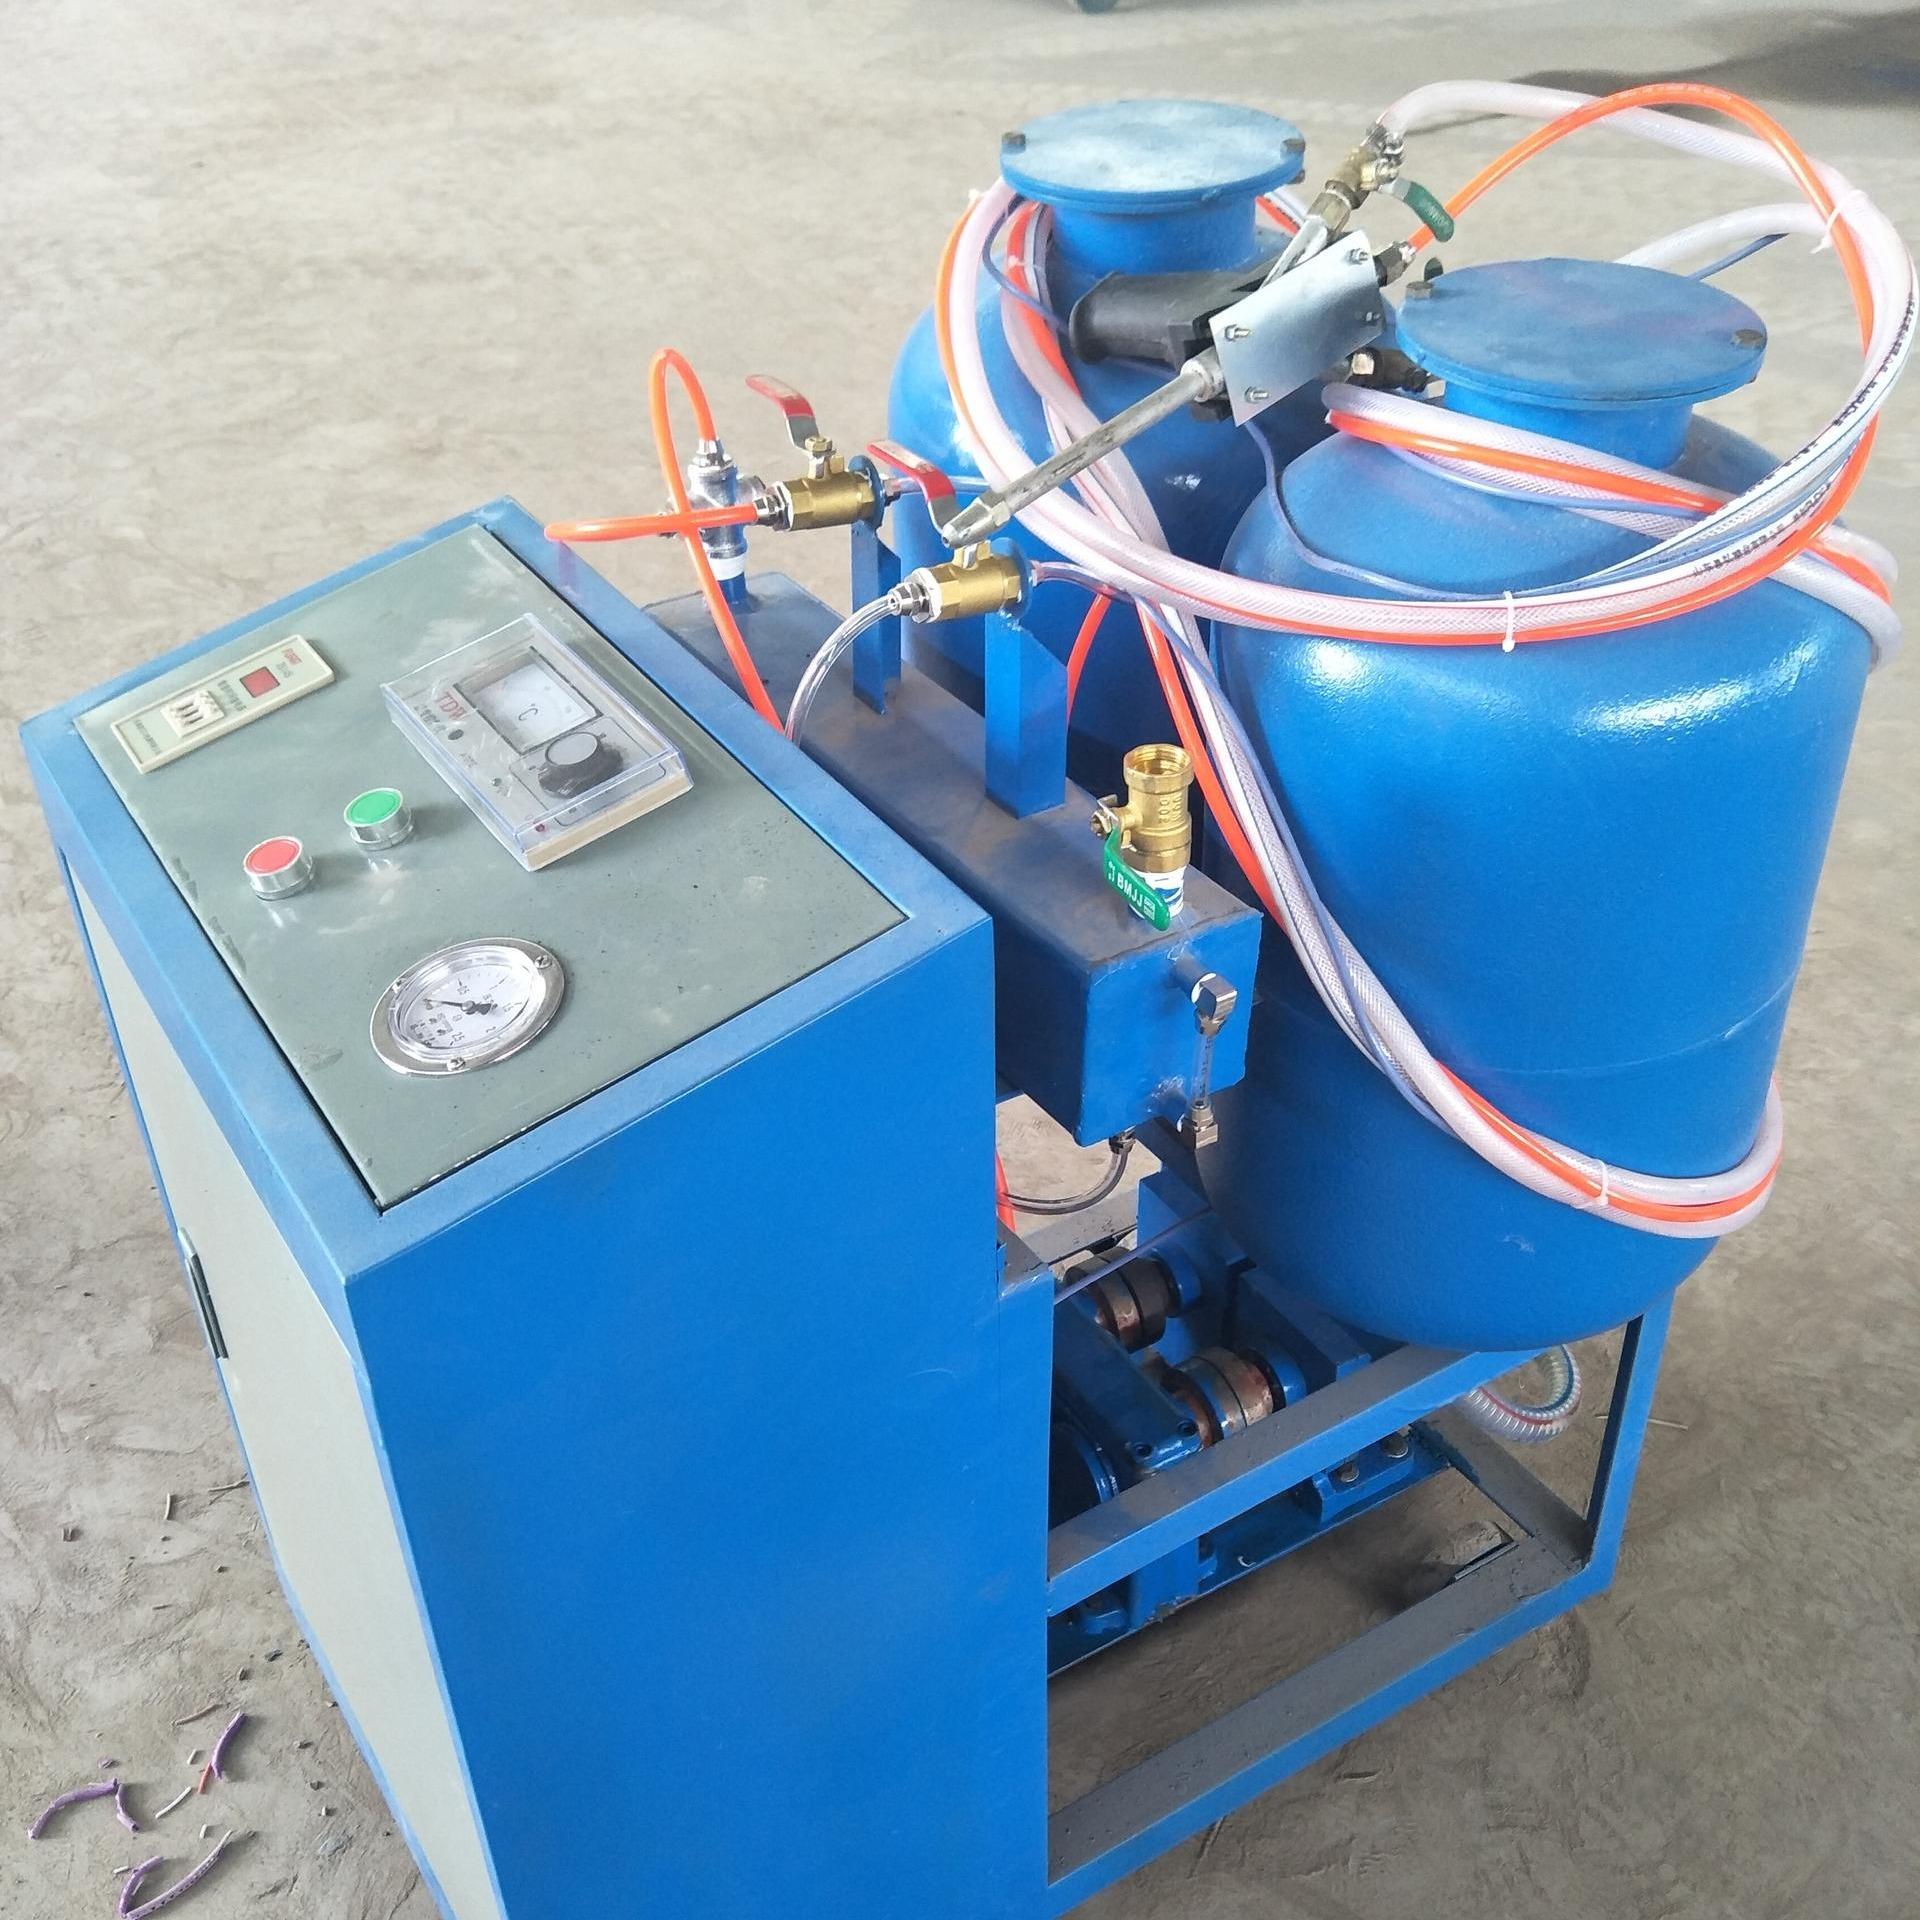 科迅廠家直銷小型聚氨酯噴涂機 墻體現場發泡噴涂設備 DY-109型低壓聚氨酯泡沫噴涂機